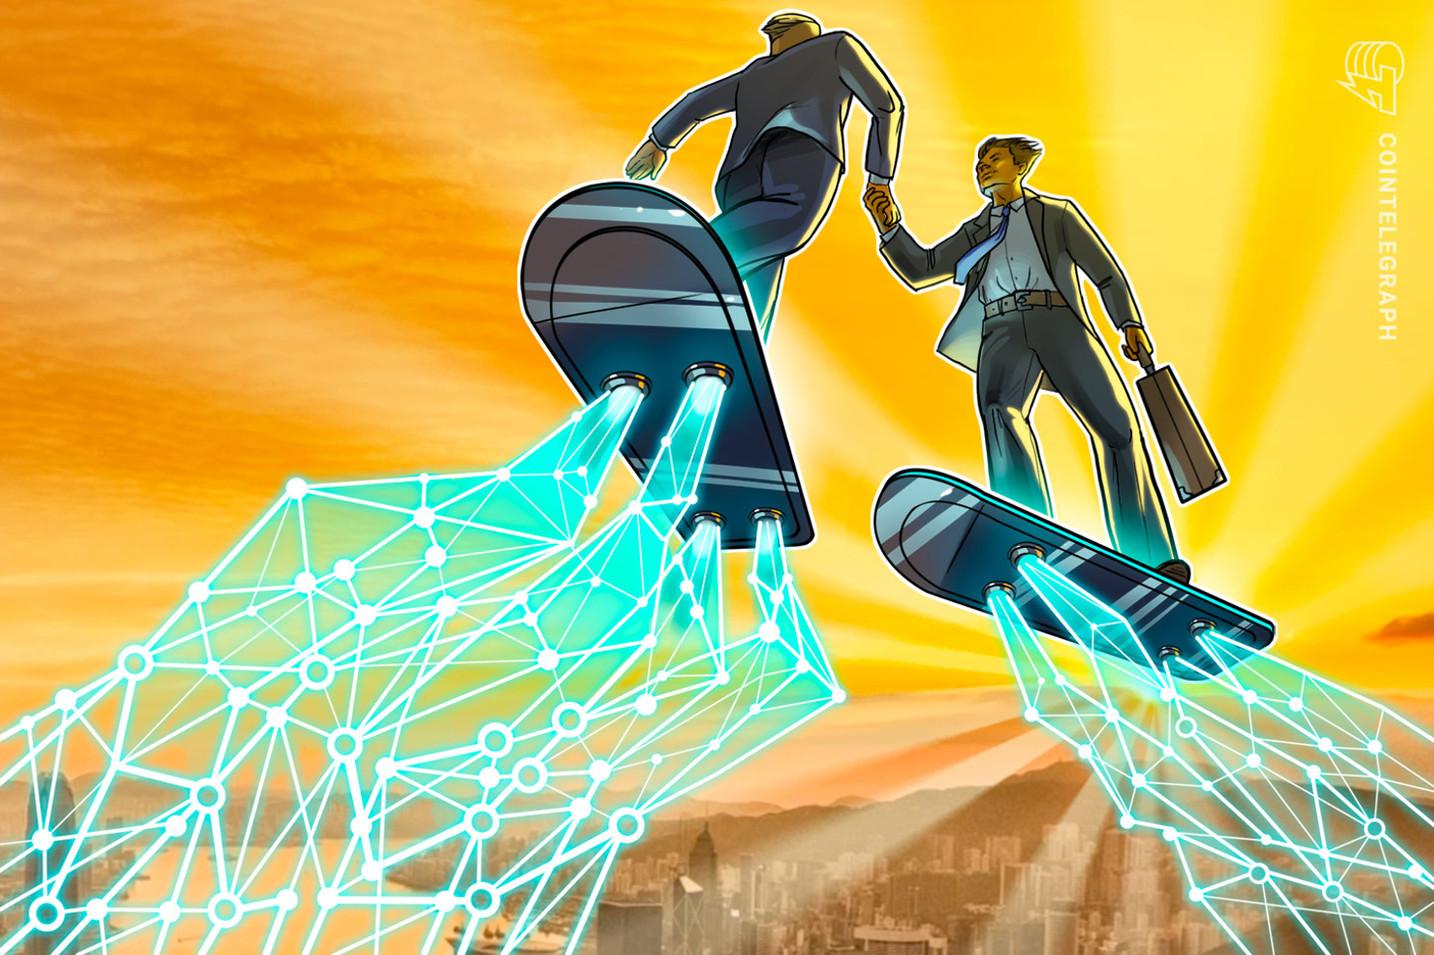 ブロックチェーン開発のLayerX、「クラウドサイン」の弁護士ドットコムと提携   企業のDX推進で協力